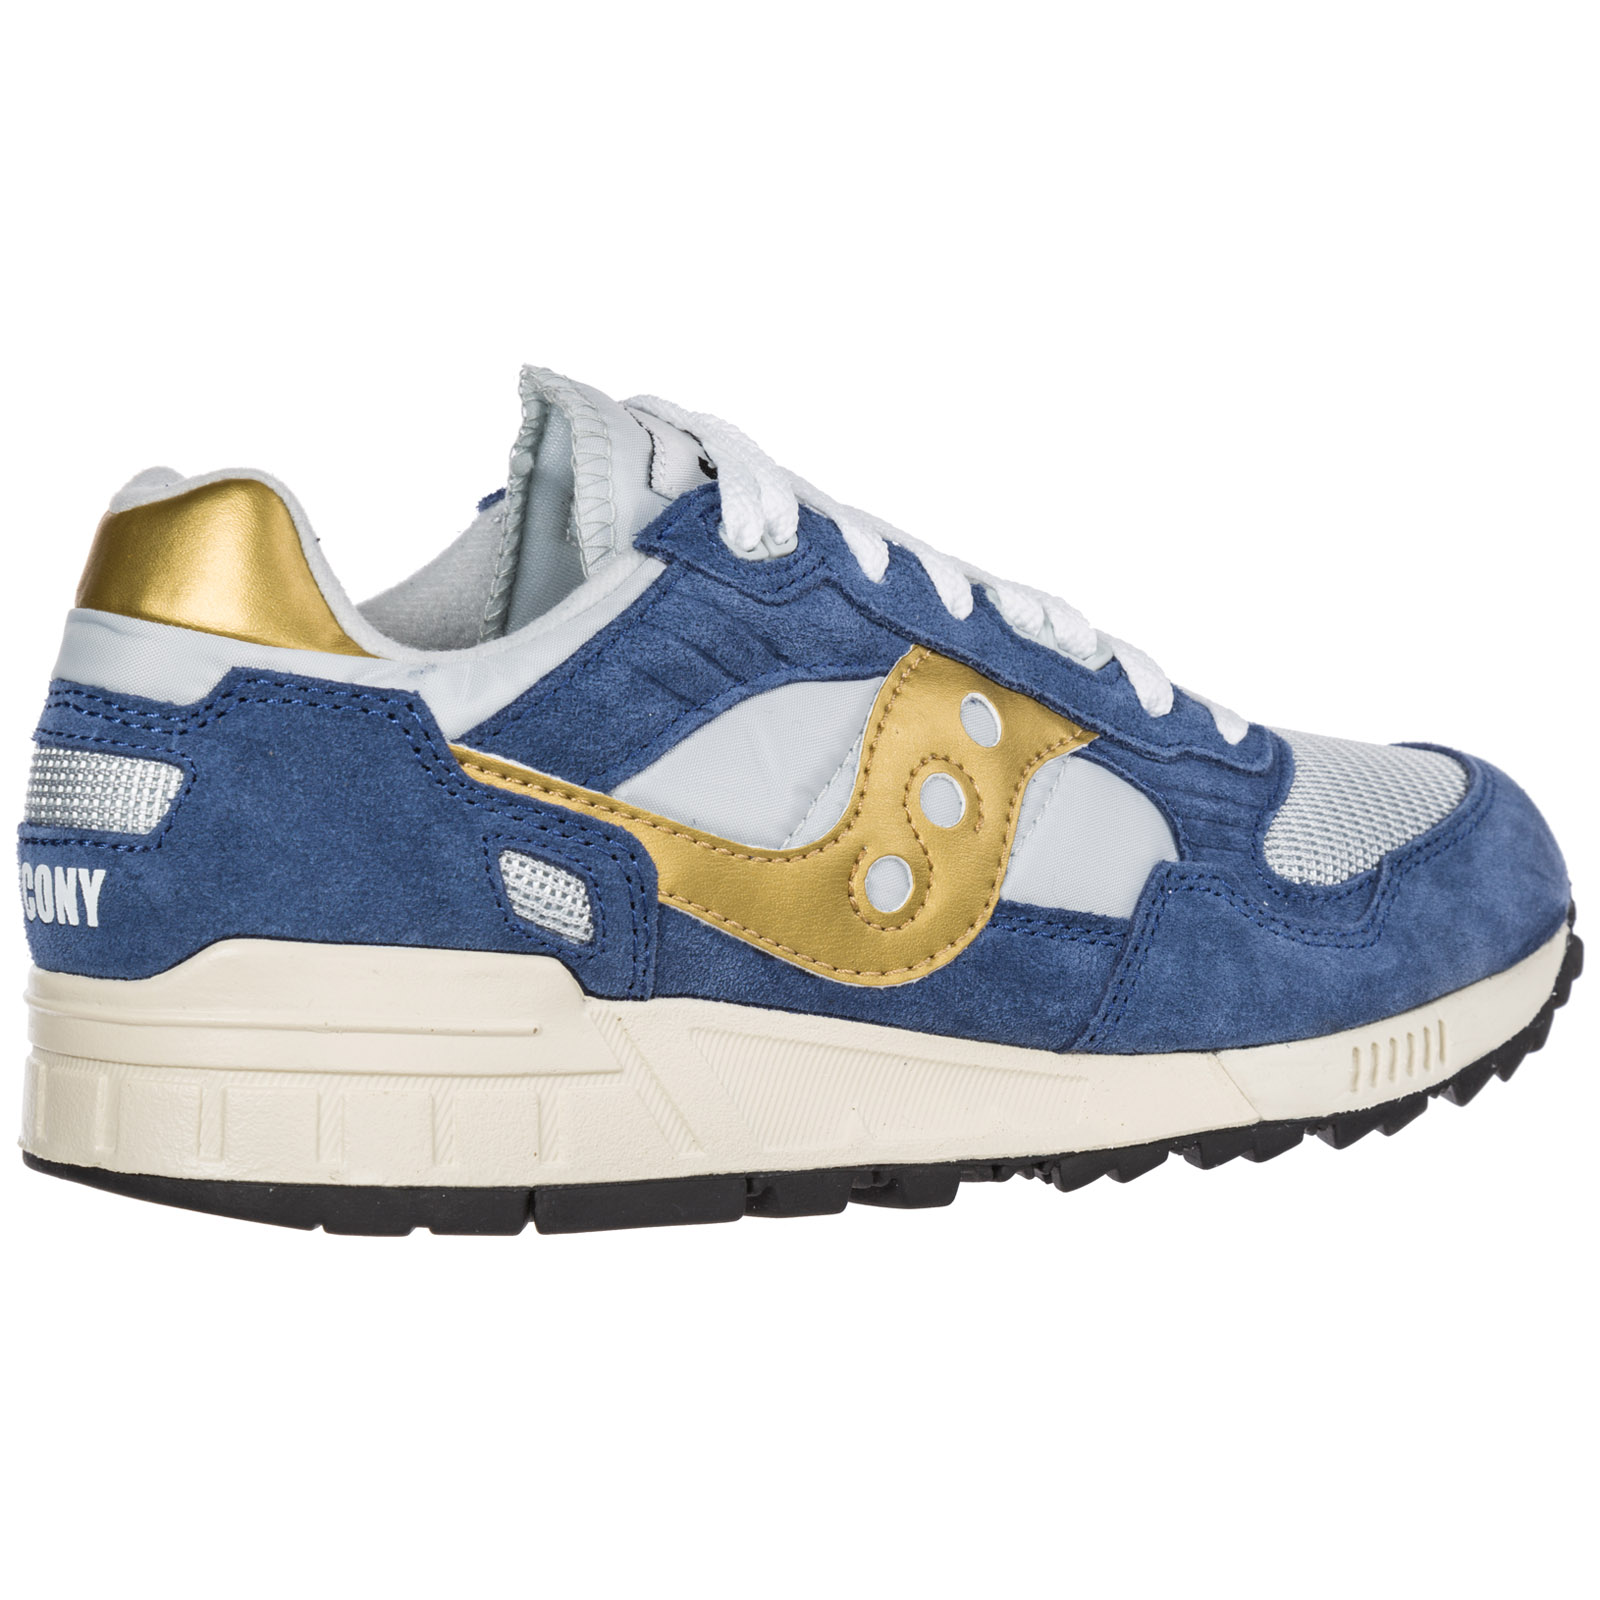 1c7343c61b ... Zapatos zapatillas de deporte hombres en ante shadow 5000 vintage ...